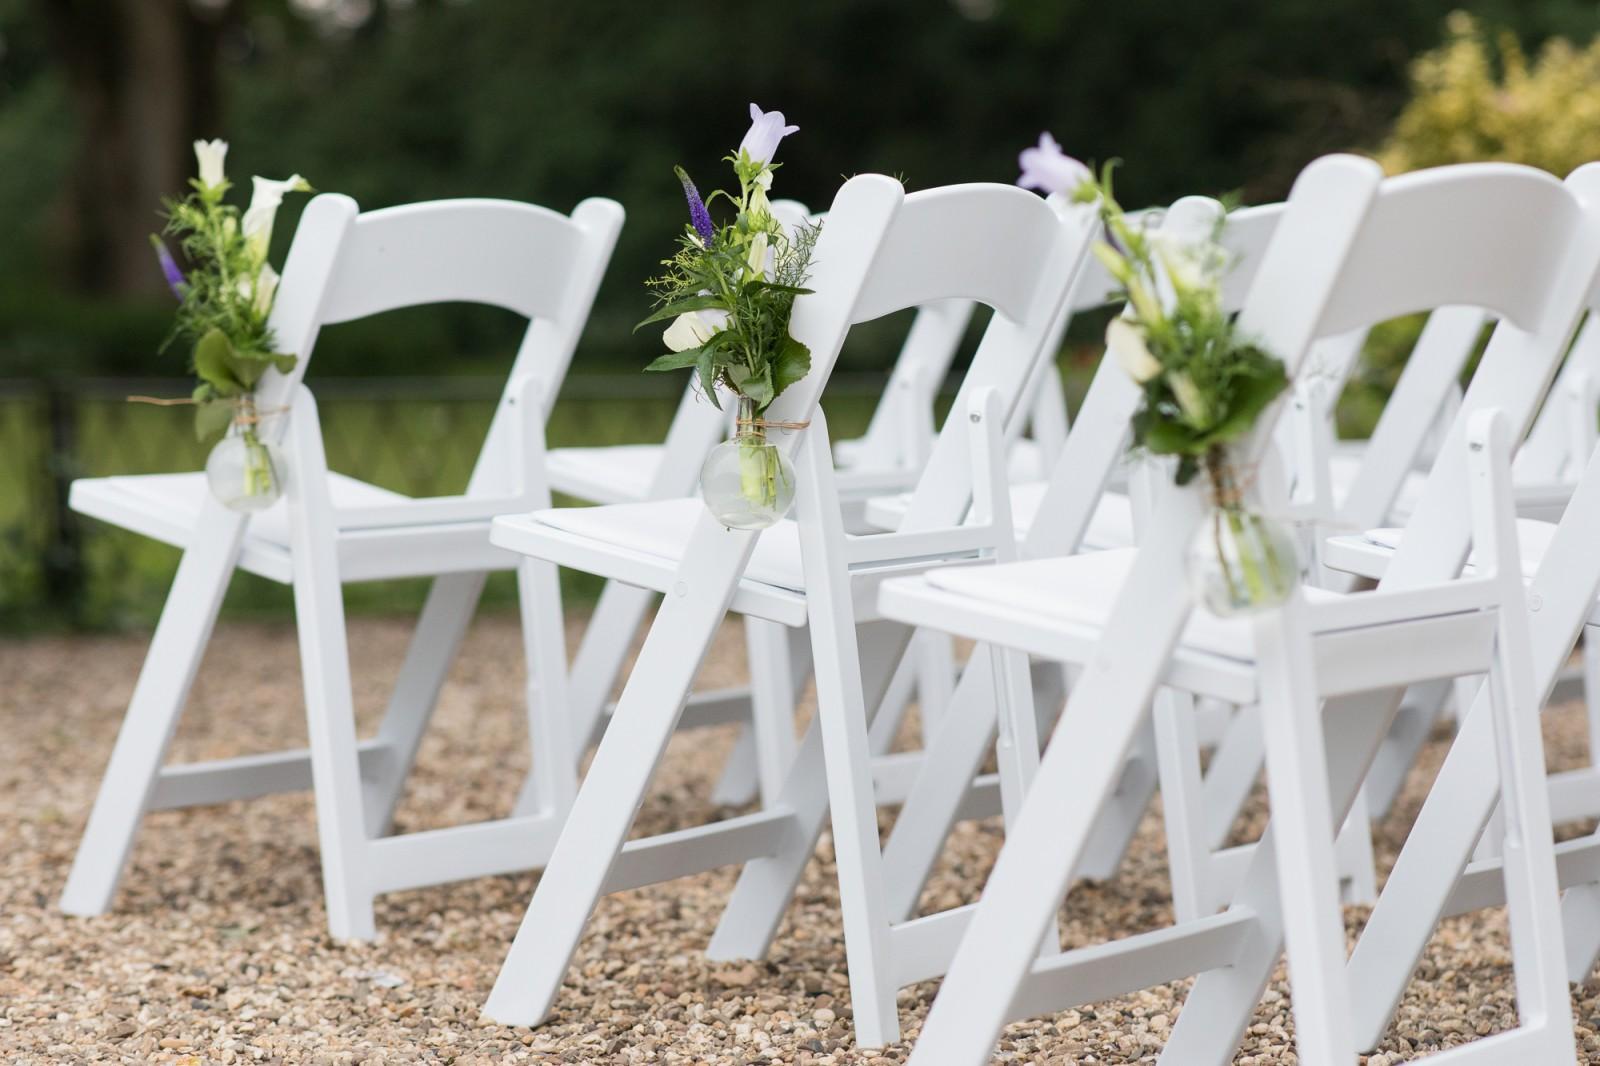 Witte Stoelen Design.Witte Stoelen Bij De Ceremonie Liefdevolle En Ongeposeerde